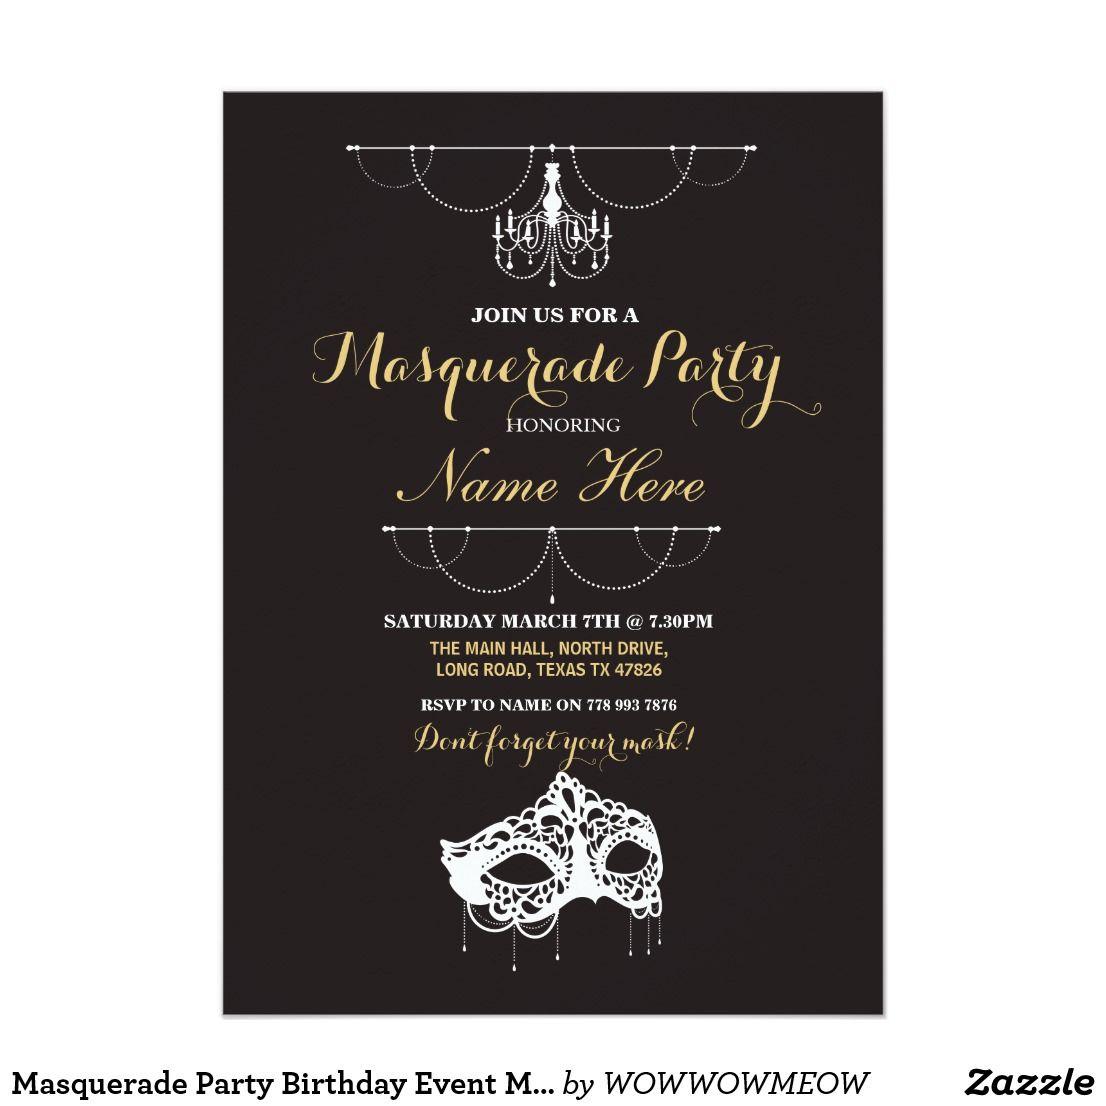 Masquerade Party Birthday Event Mask Invite Masquerade party invite ...